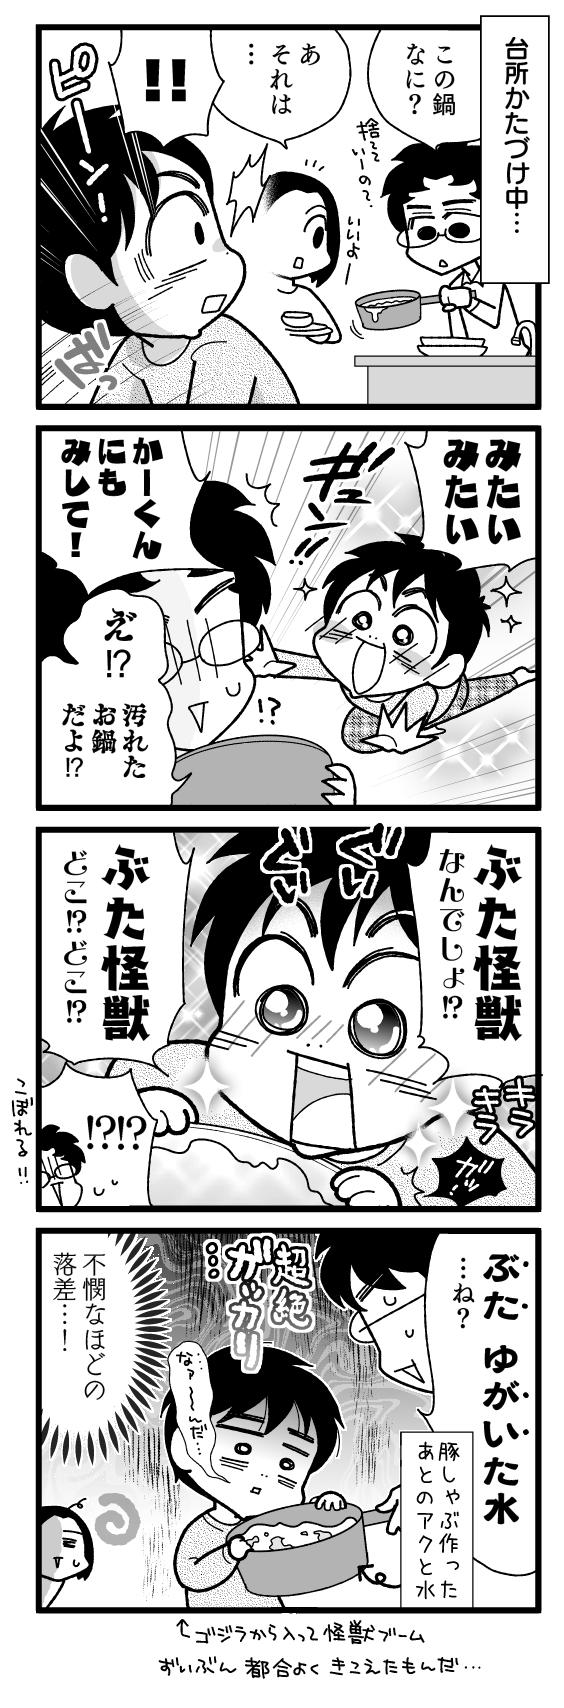 漫画『怒涛のにゅーじヨージ』Vol.188「聞きまつがった!」 1コマ目